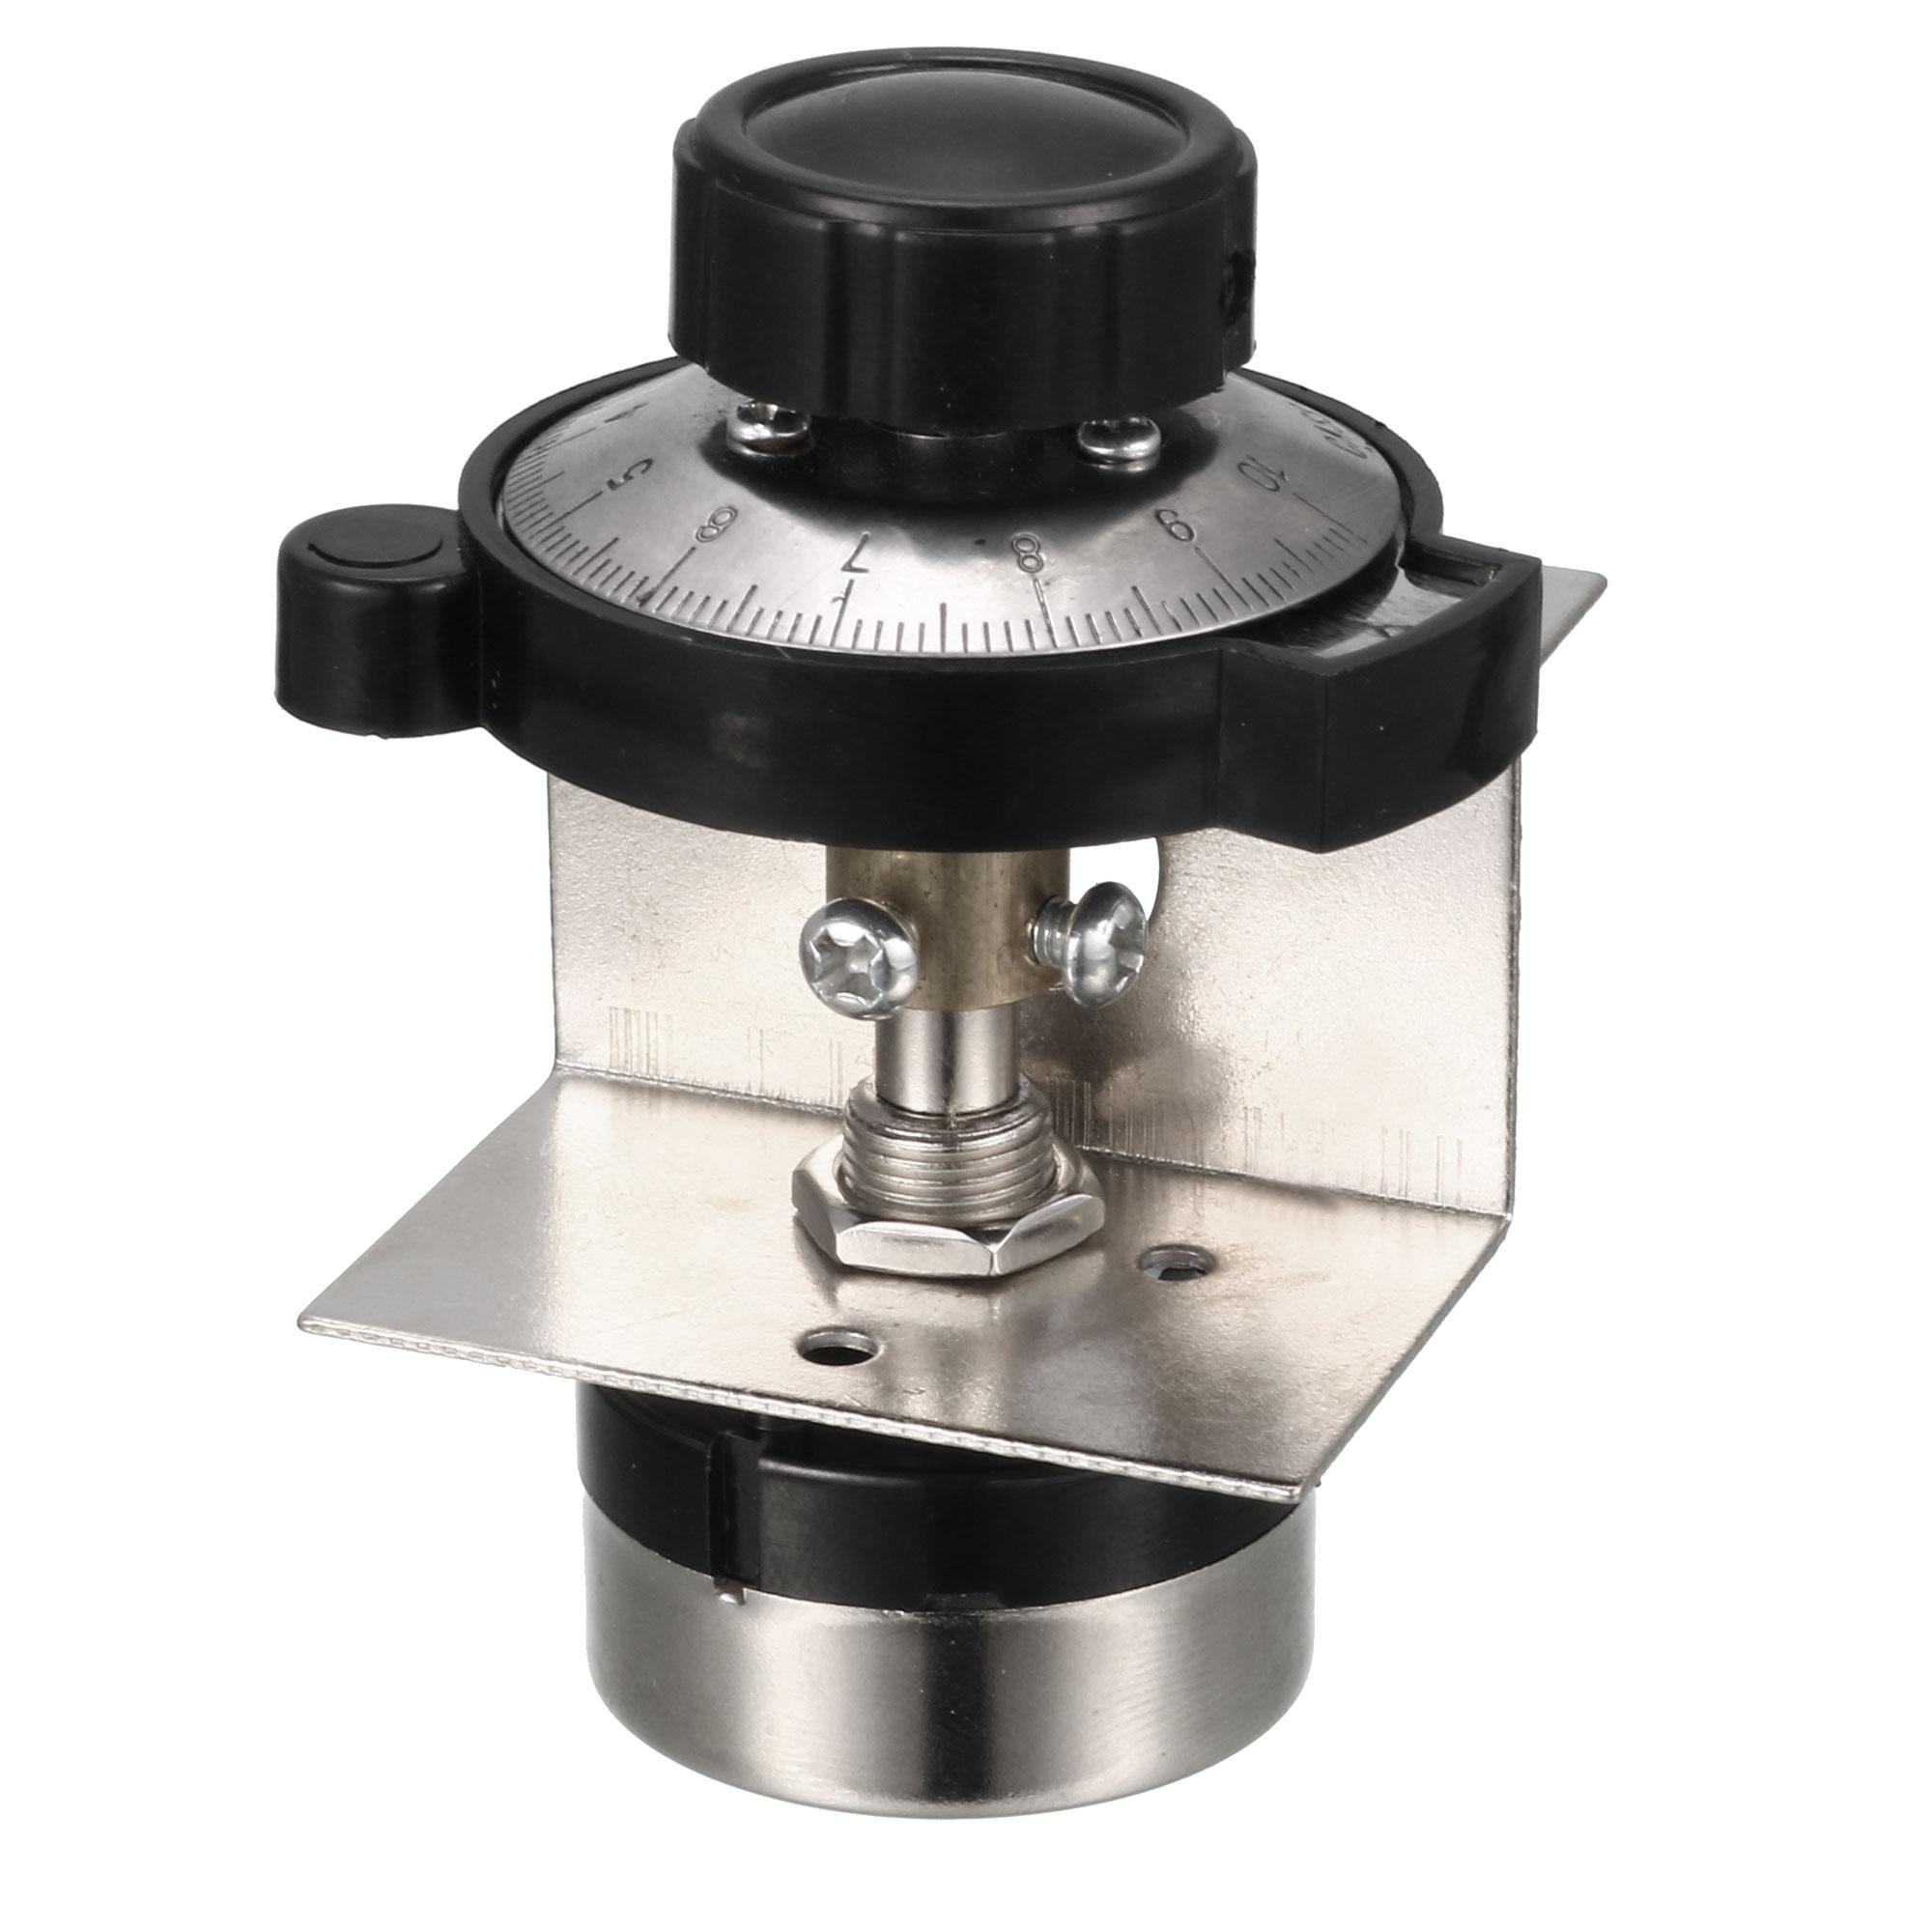 RV30YN20S B503 50K Ohm 3W Carbon Film Rotary Taper Potentiometer Pots